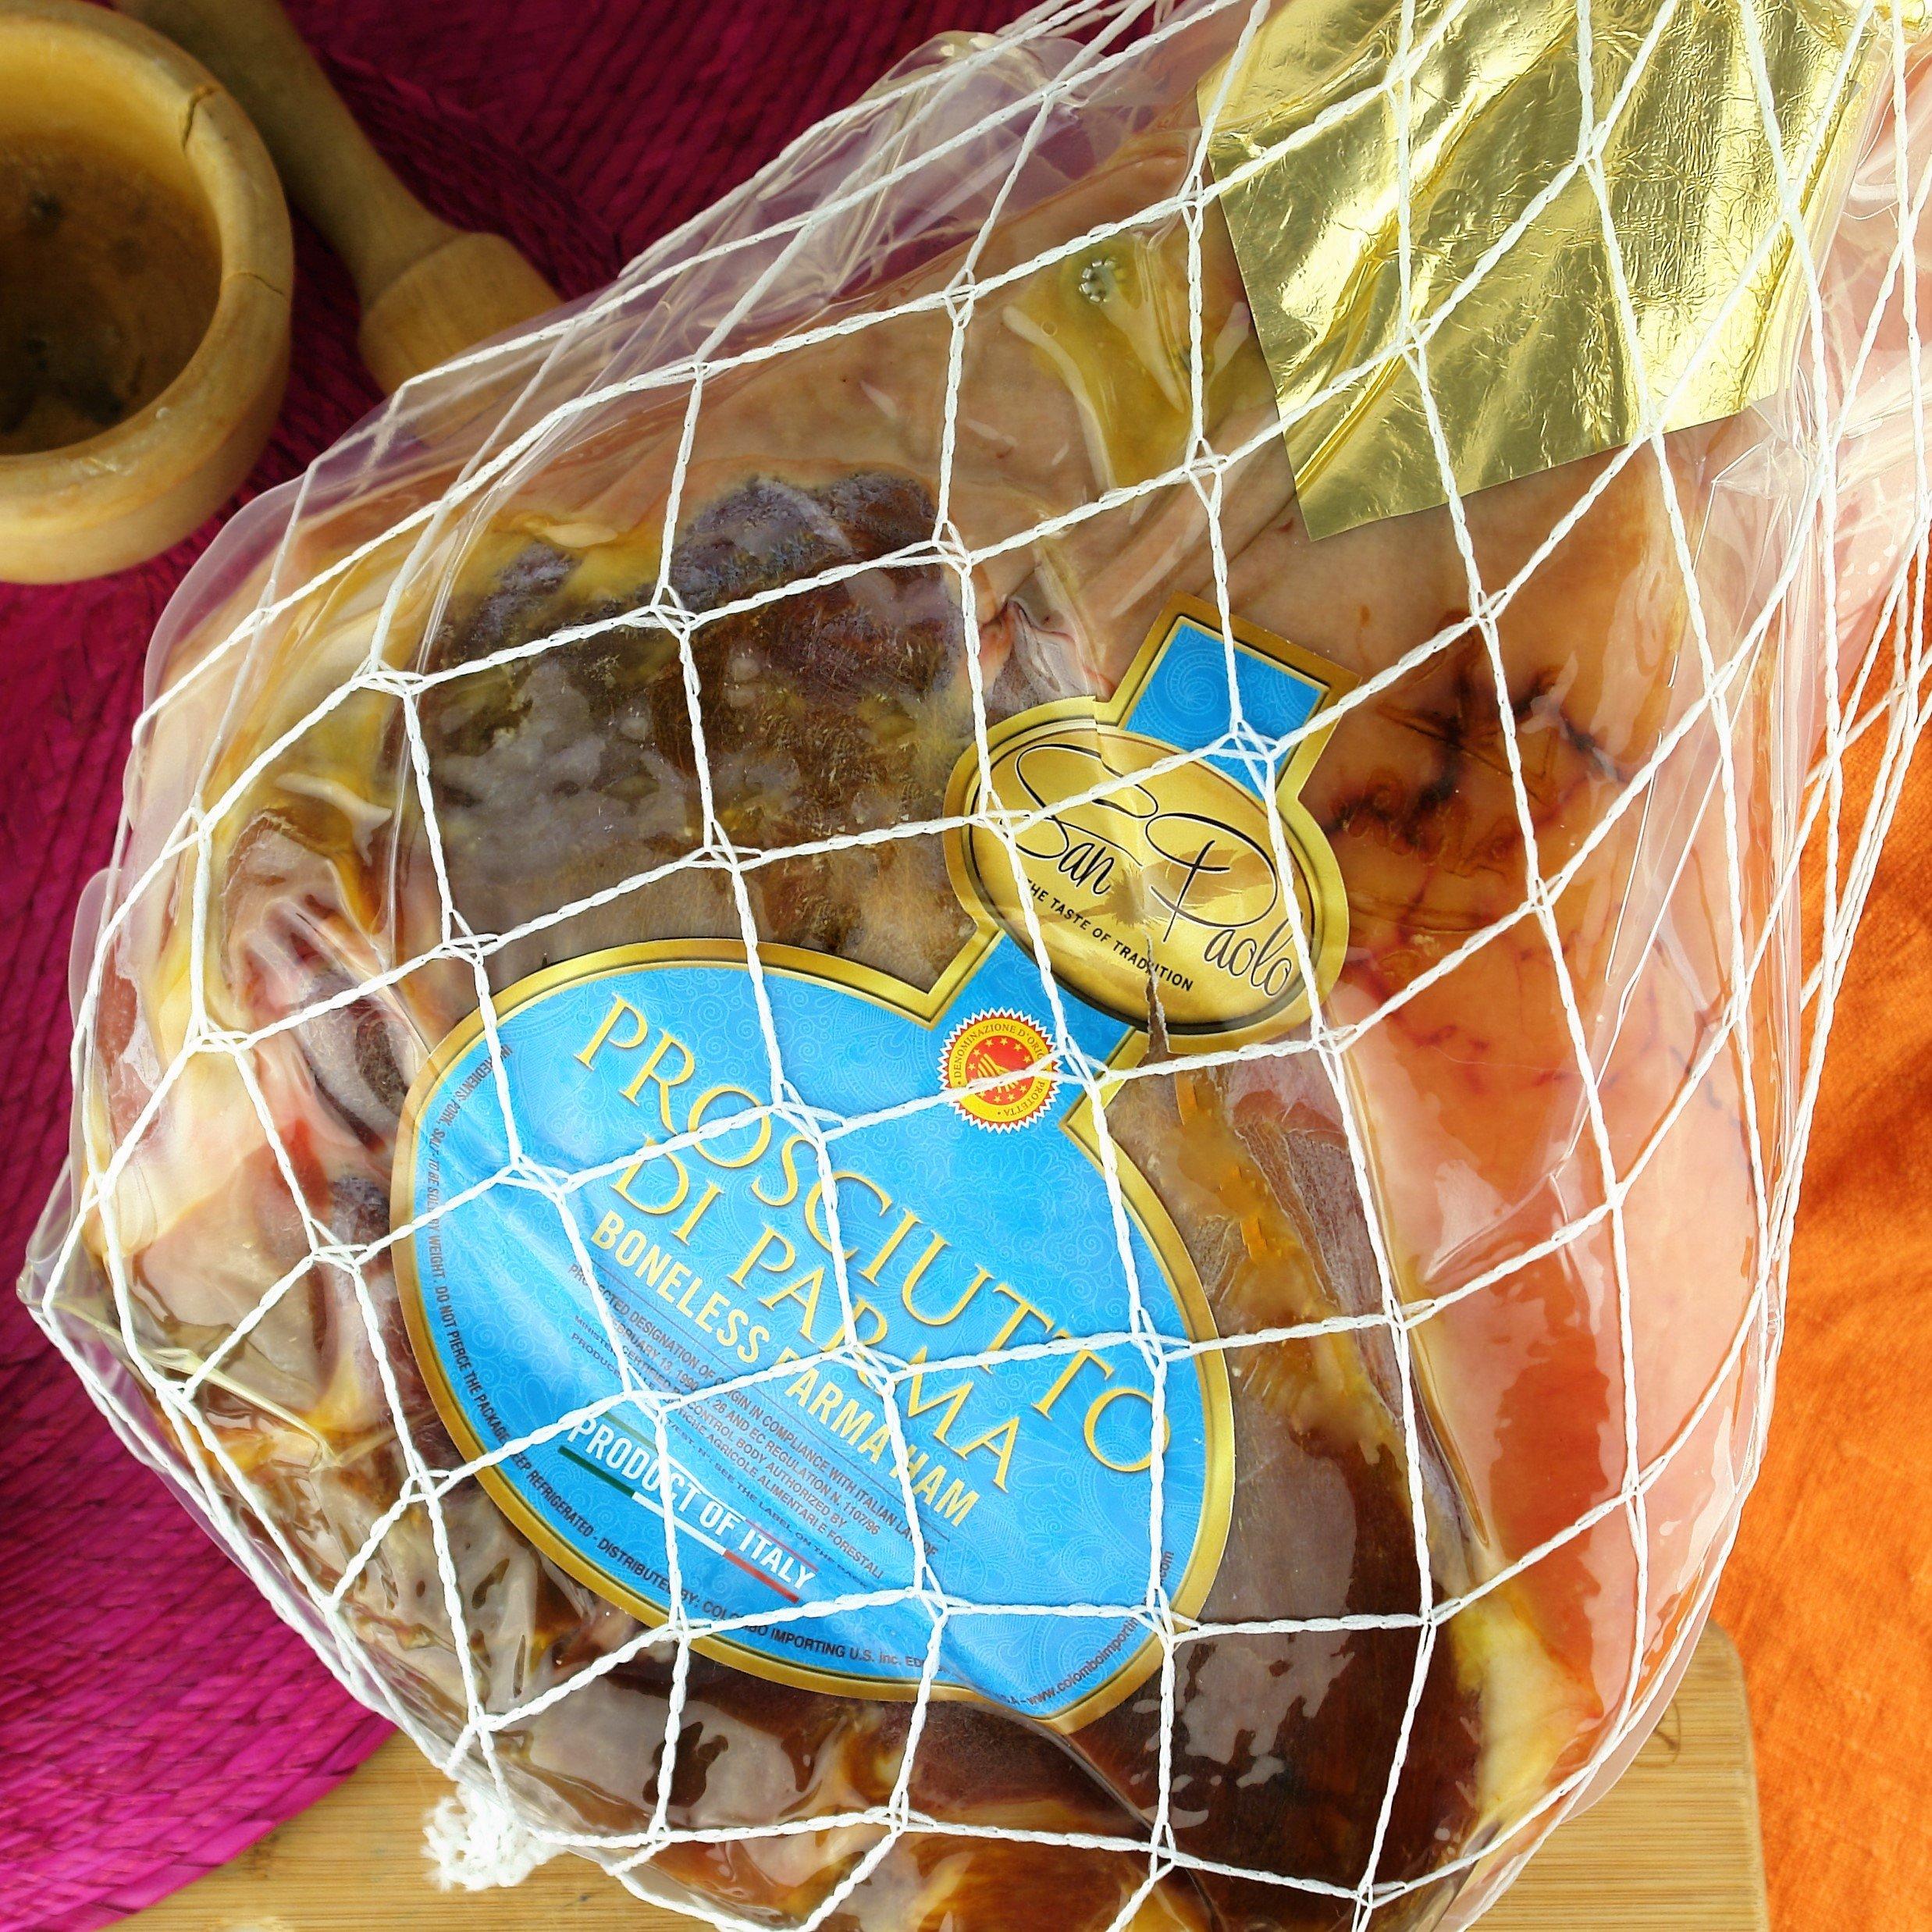 Prosciutto di Parma Ham Whole Boneless (15-17 Lbs) by San Paolo